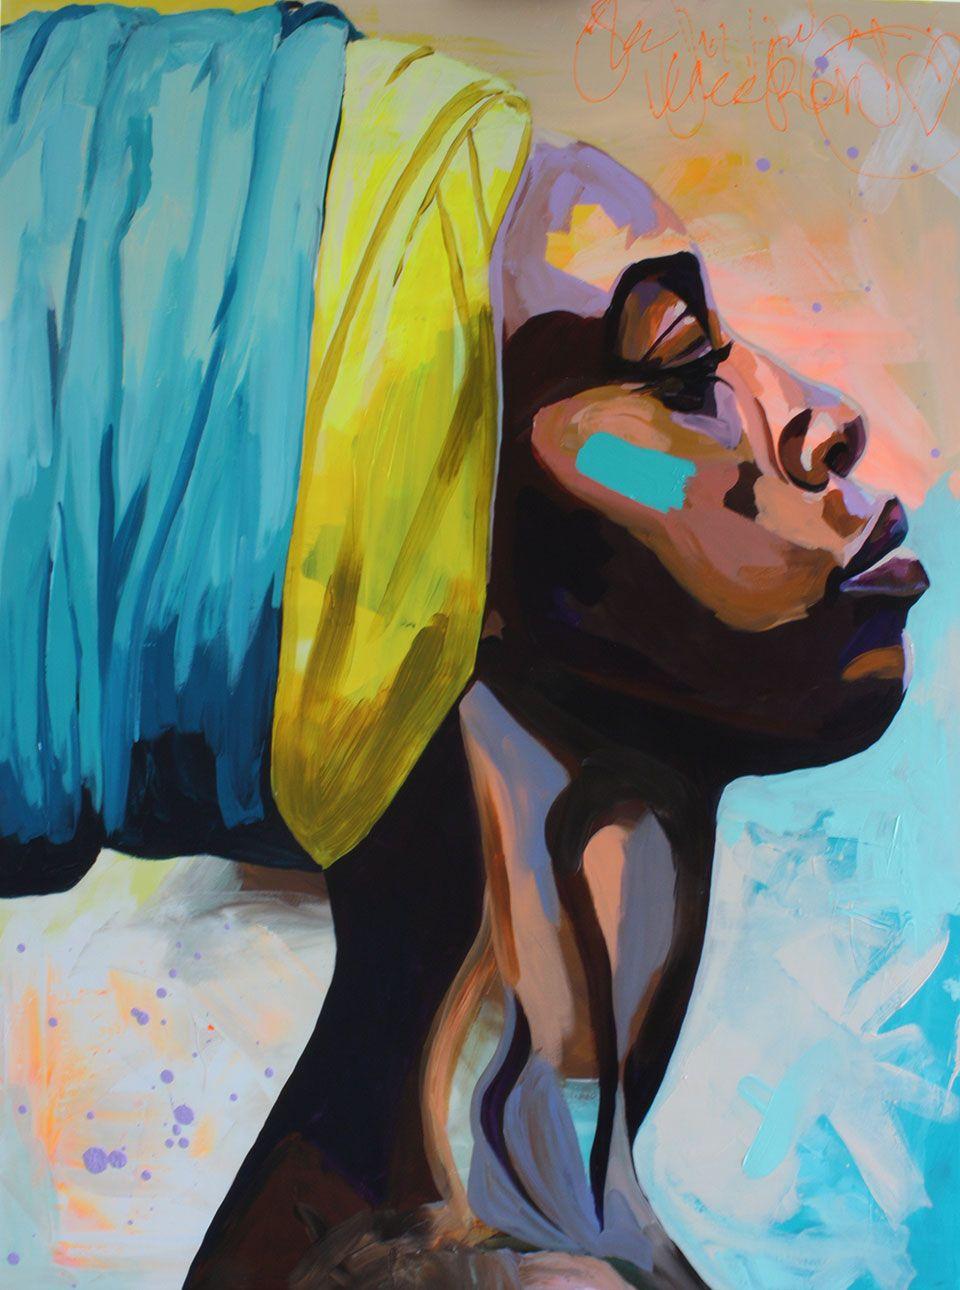 Galleri Anette Tjaerby Manege Arte 3 Este Si Akvarel Ideer Abstrakt Kunst Og Tegninger